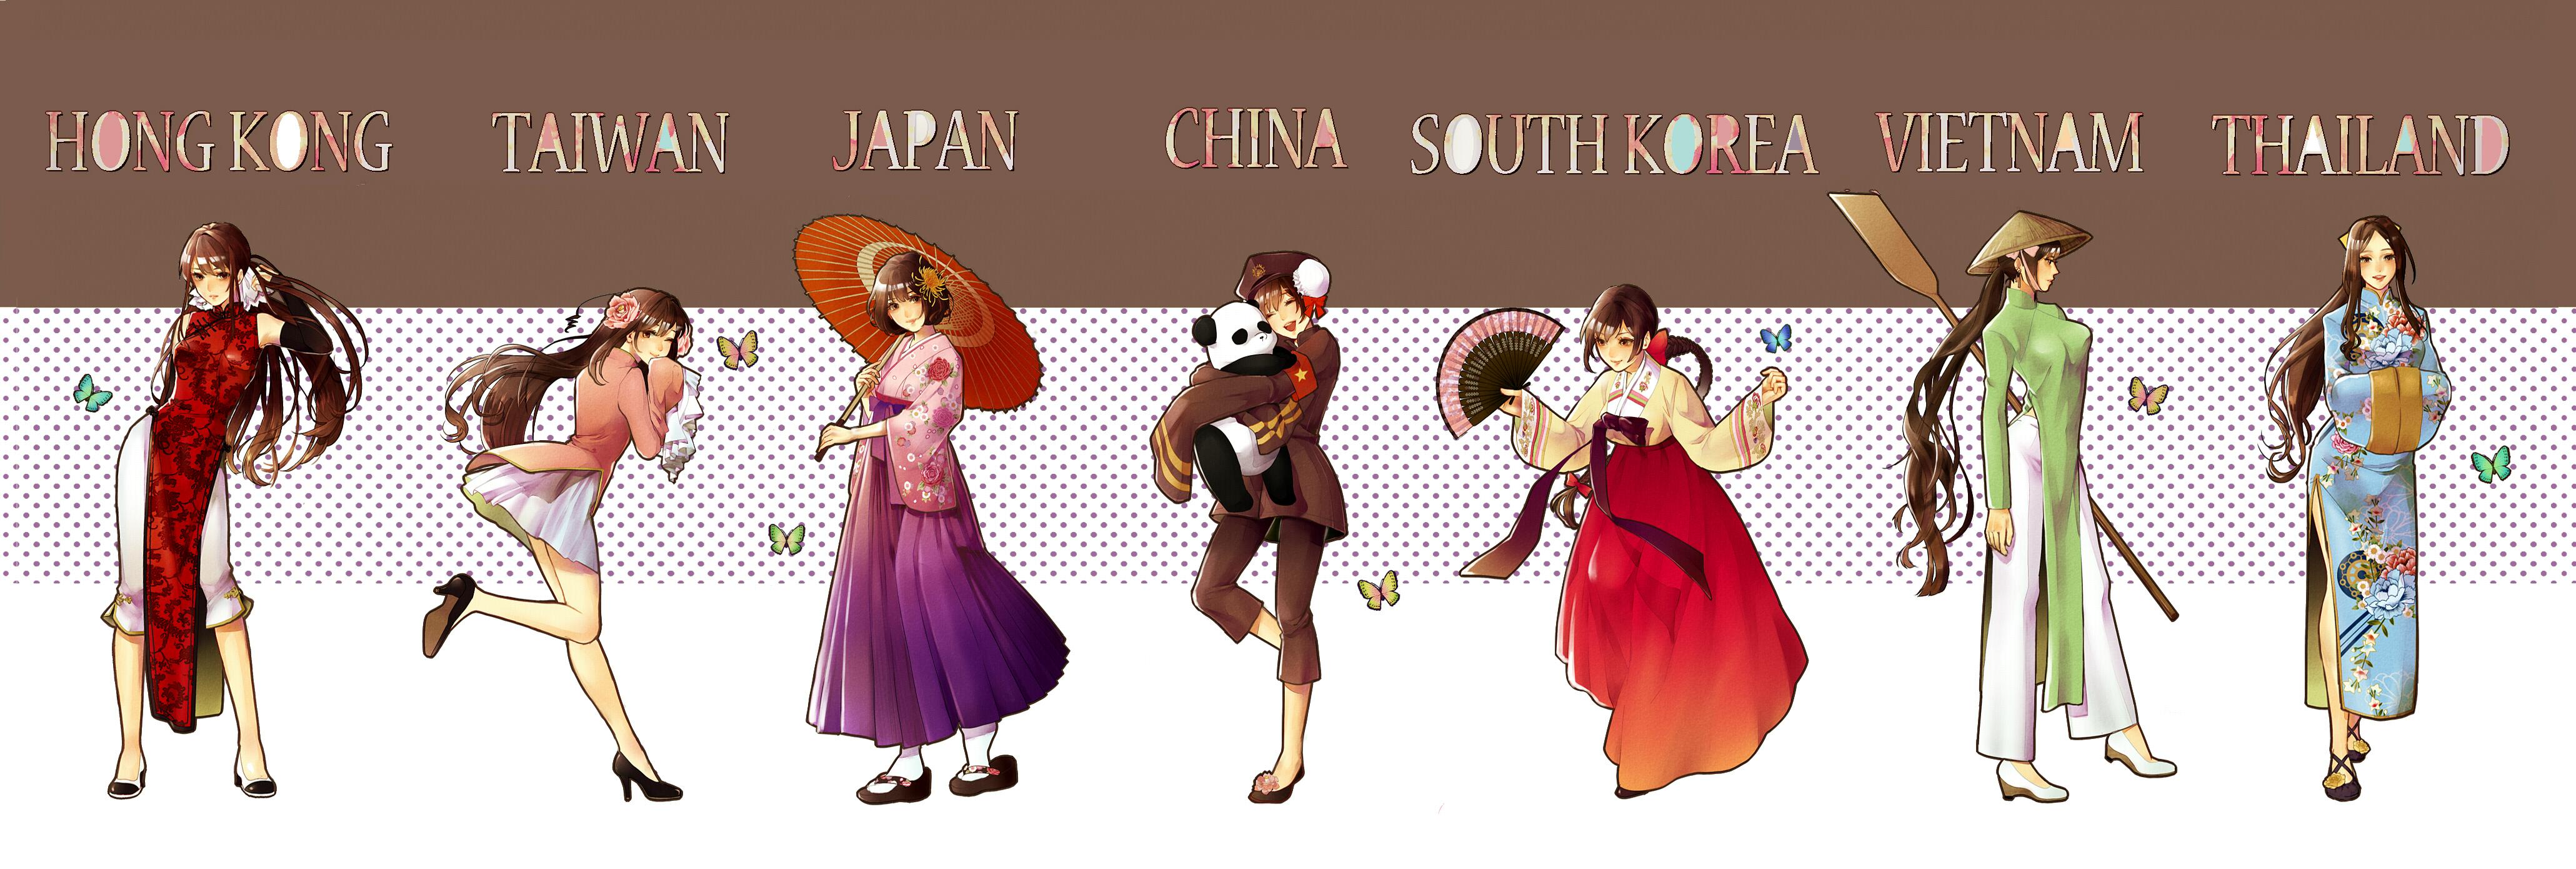 anime thailand